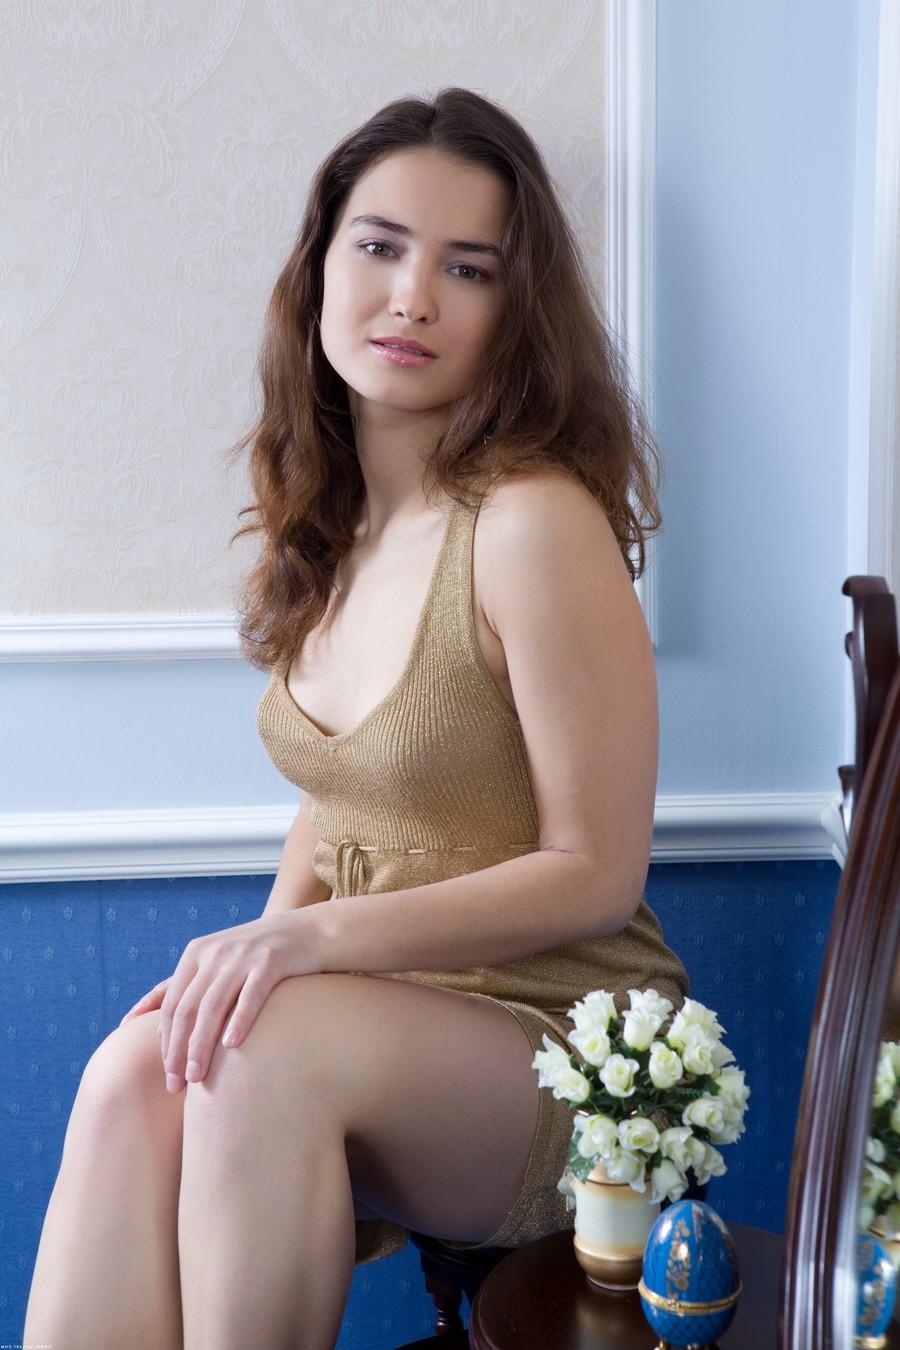 prodotti erotici agenzia matrimoniale gratuita